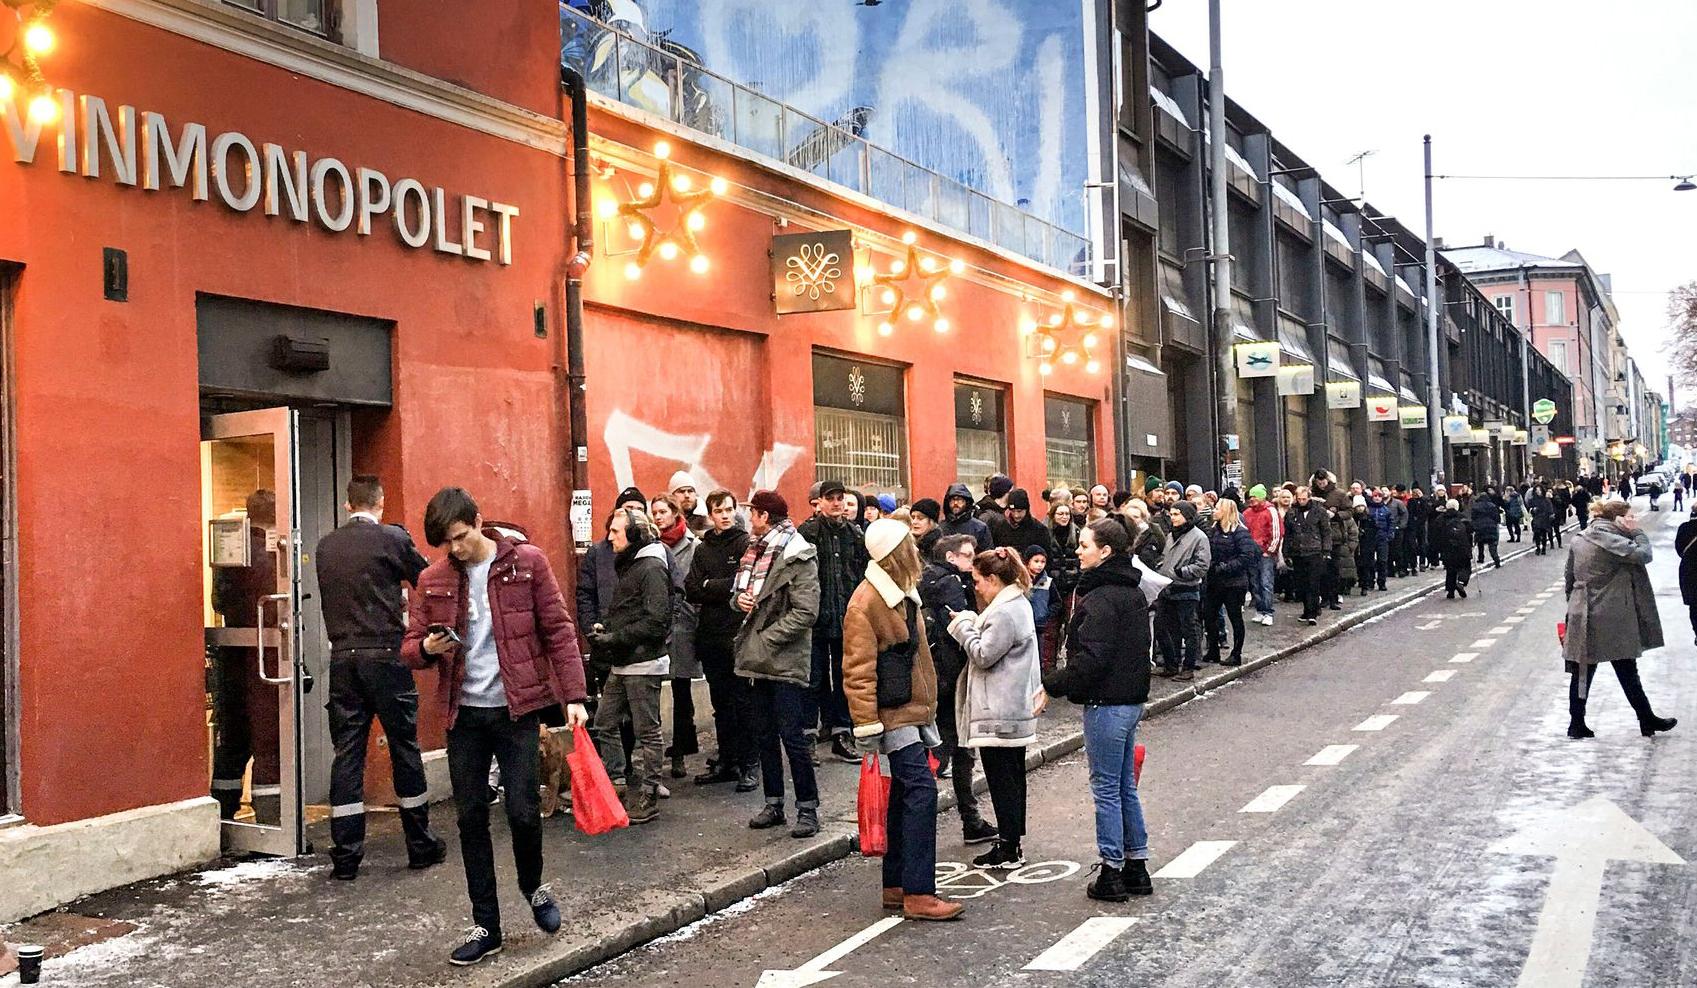 Nouvel an : une longue file d'attente chez Vinmonopolet